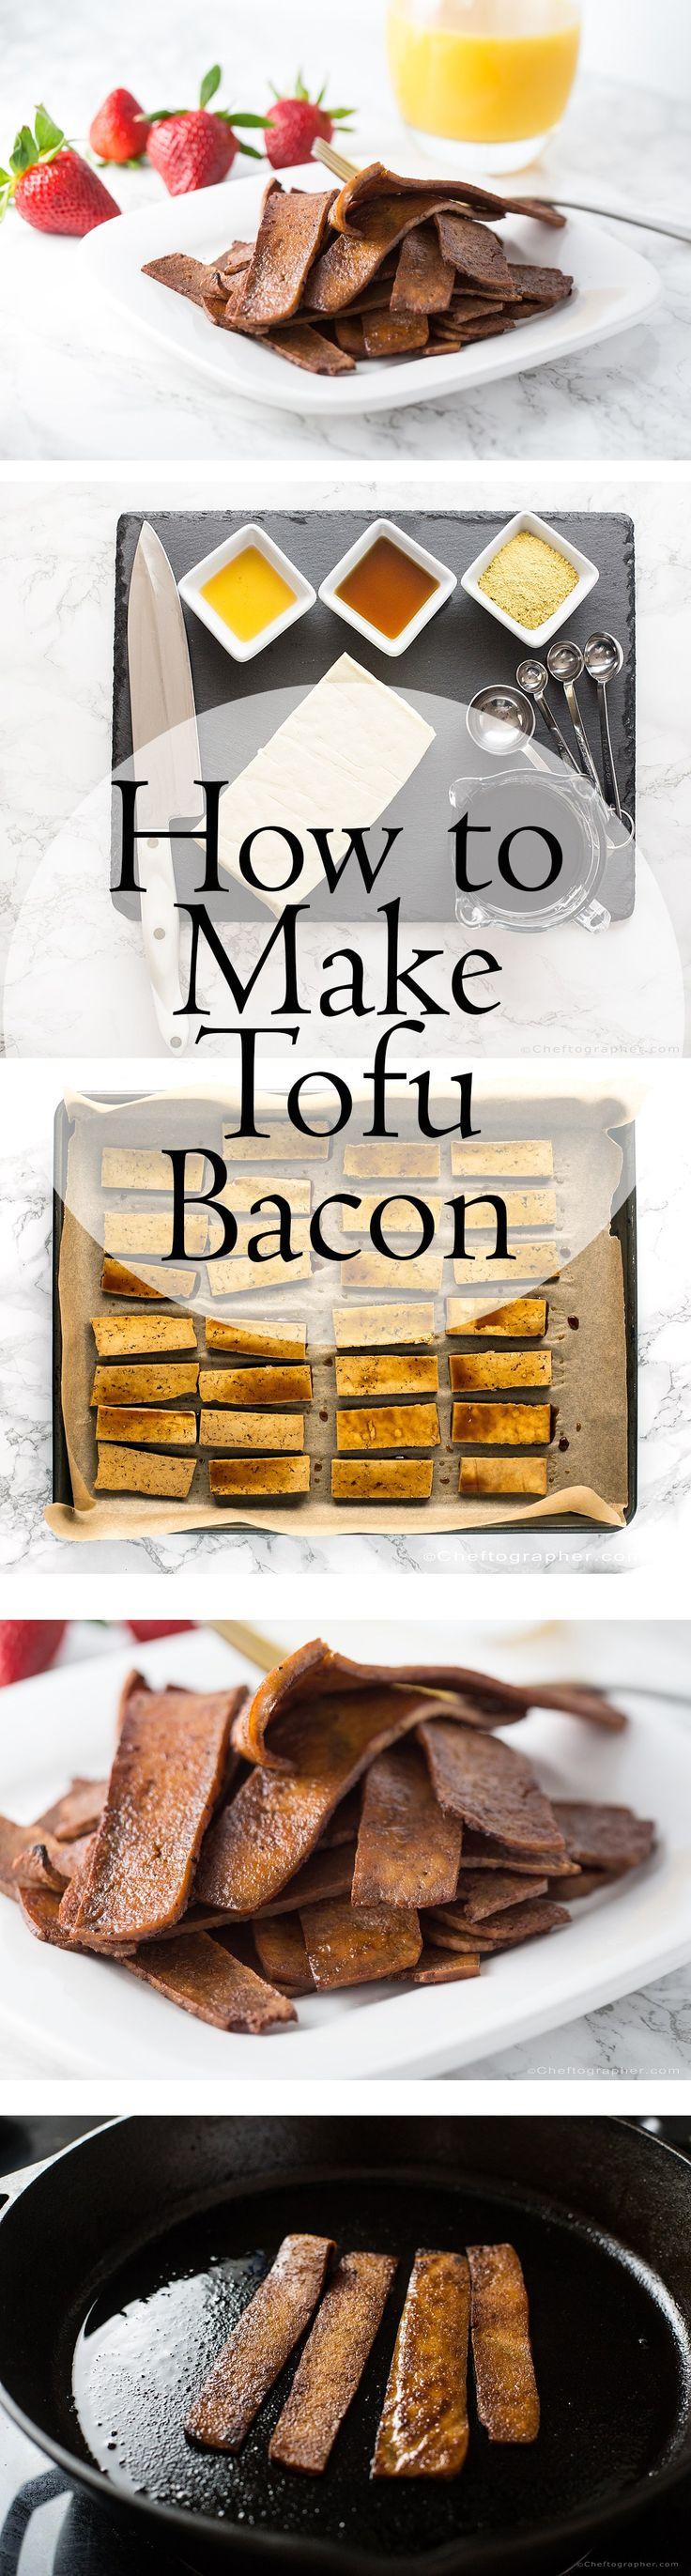 How to Make Tofu Bacon